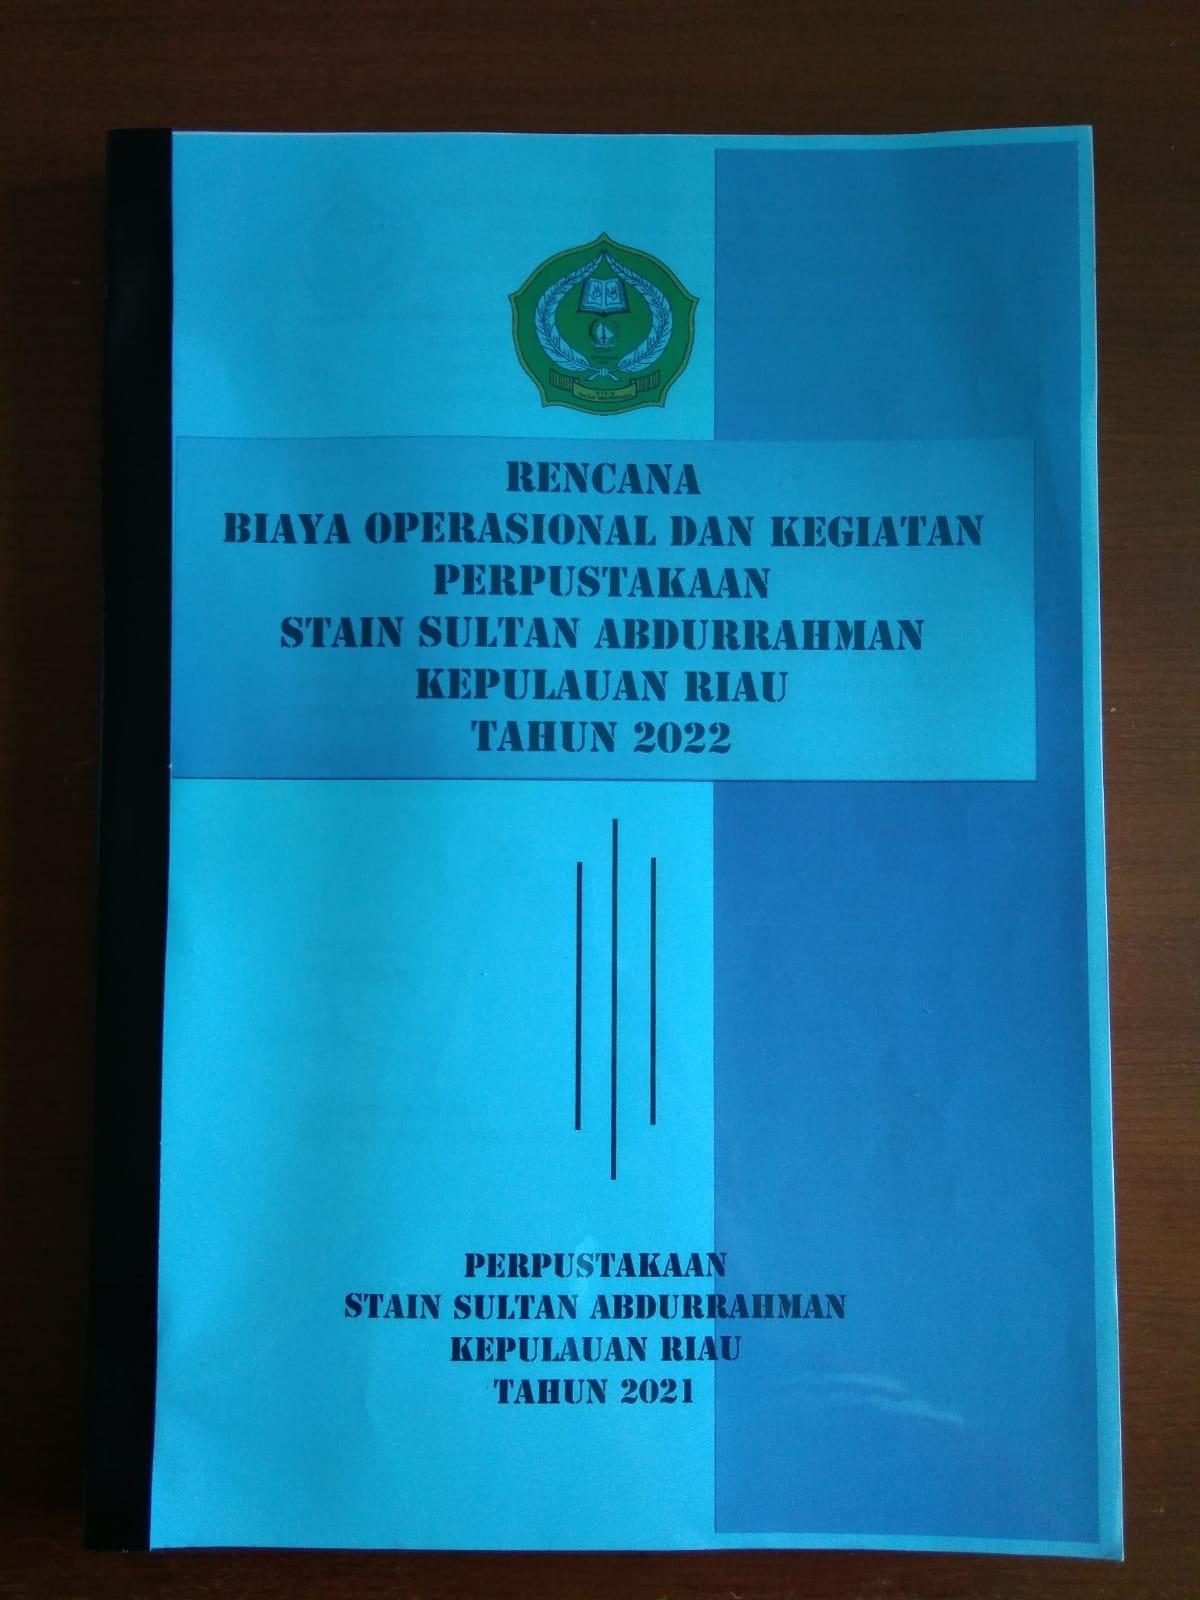 Usulan Rencana Biaya Operasional dan Kegiatan Perpustakaan STAIN Sultan Abdurrahman Kepulauan Riau Tahun 2022